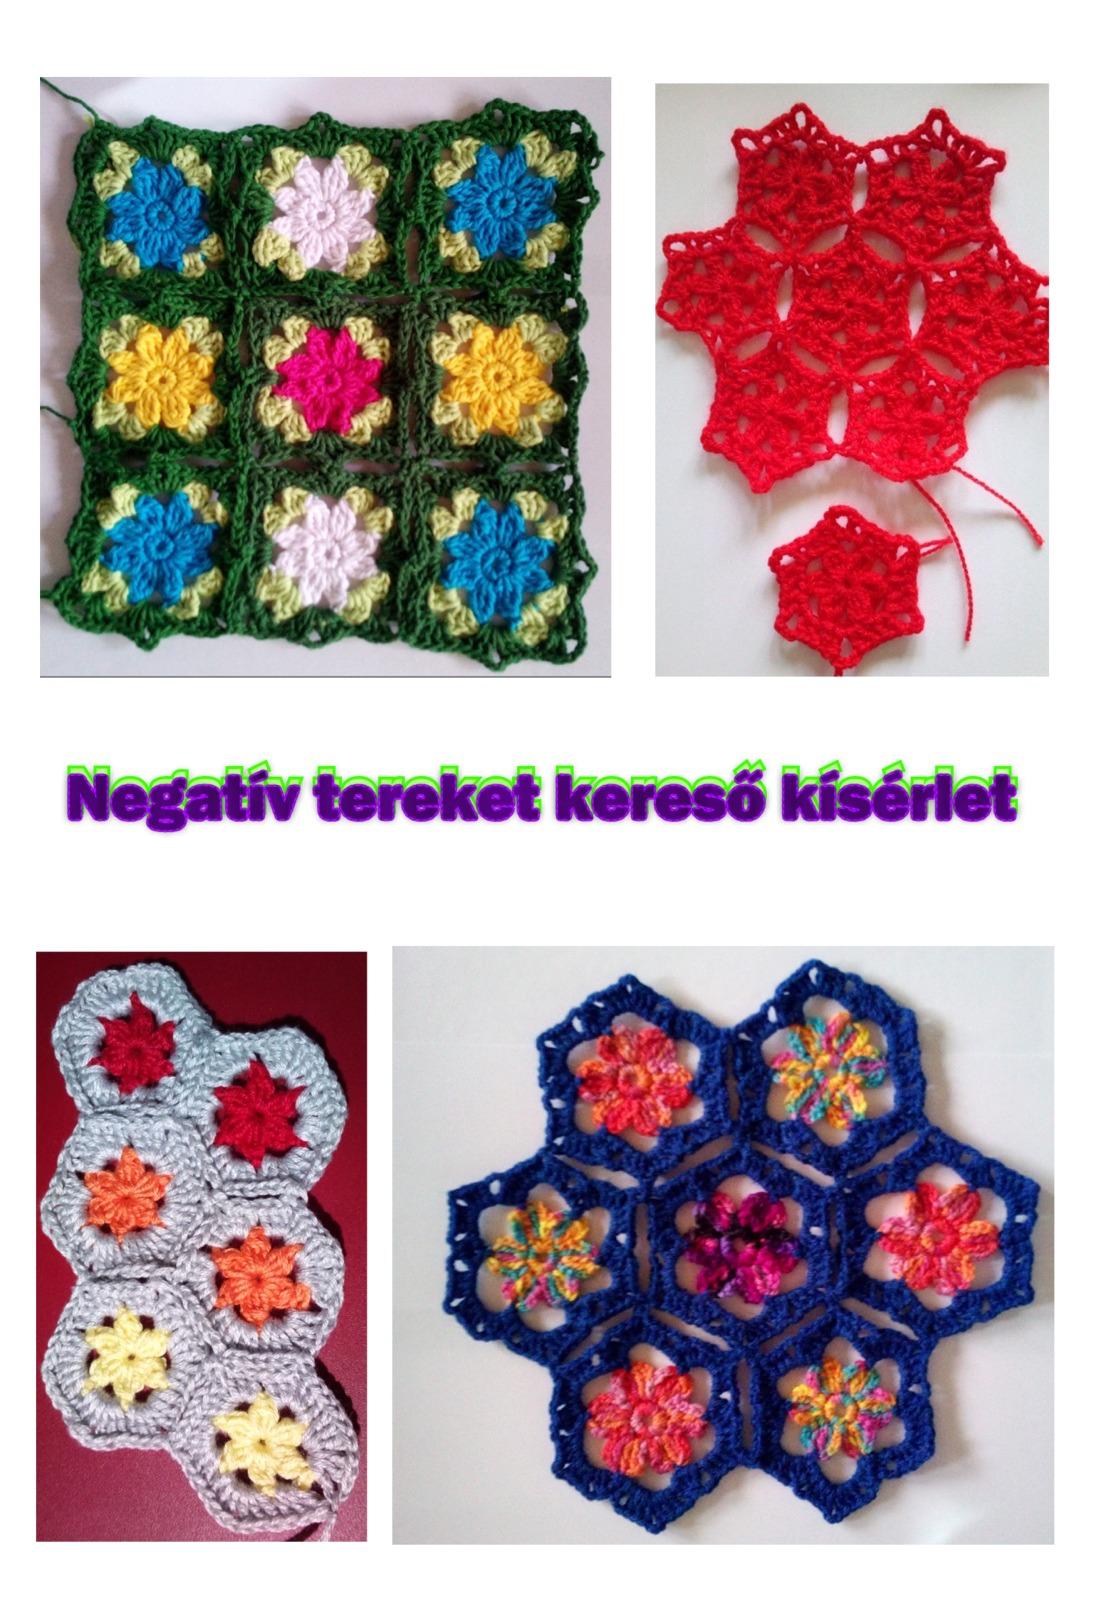 negativ_terek_kiserl_00.jpg